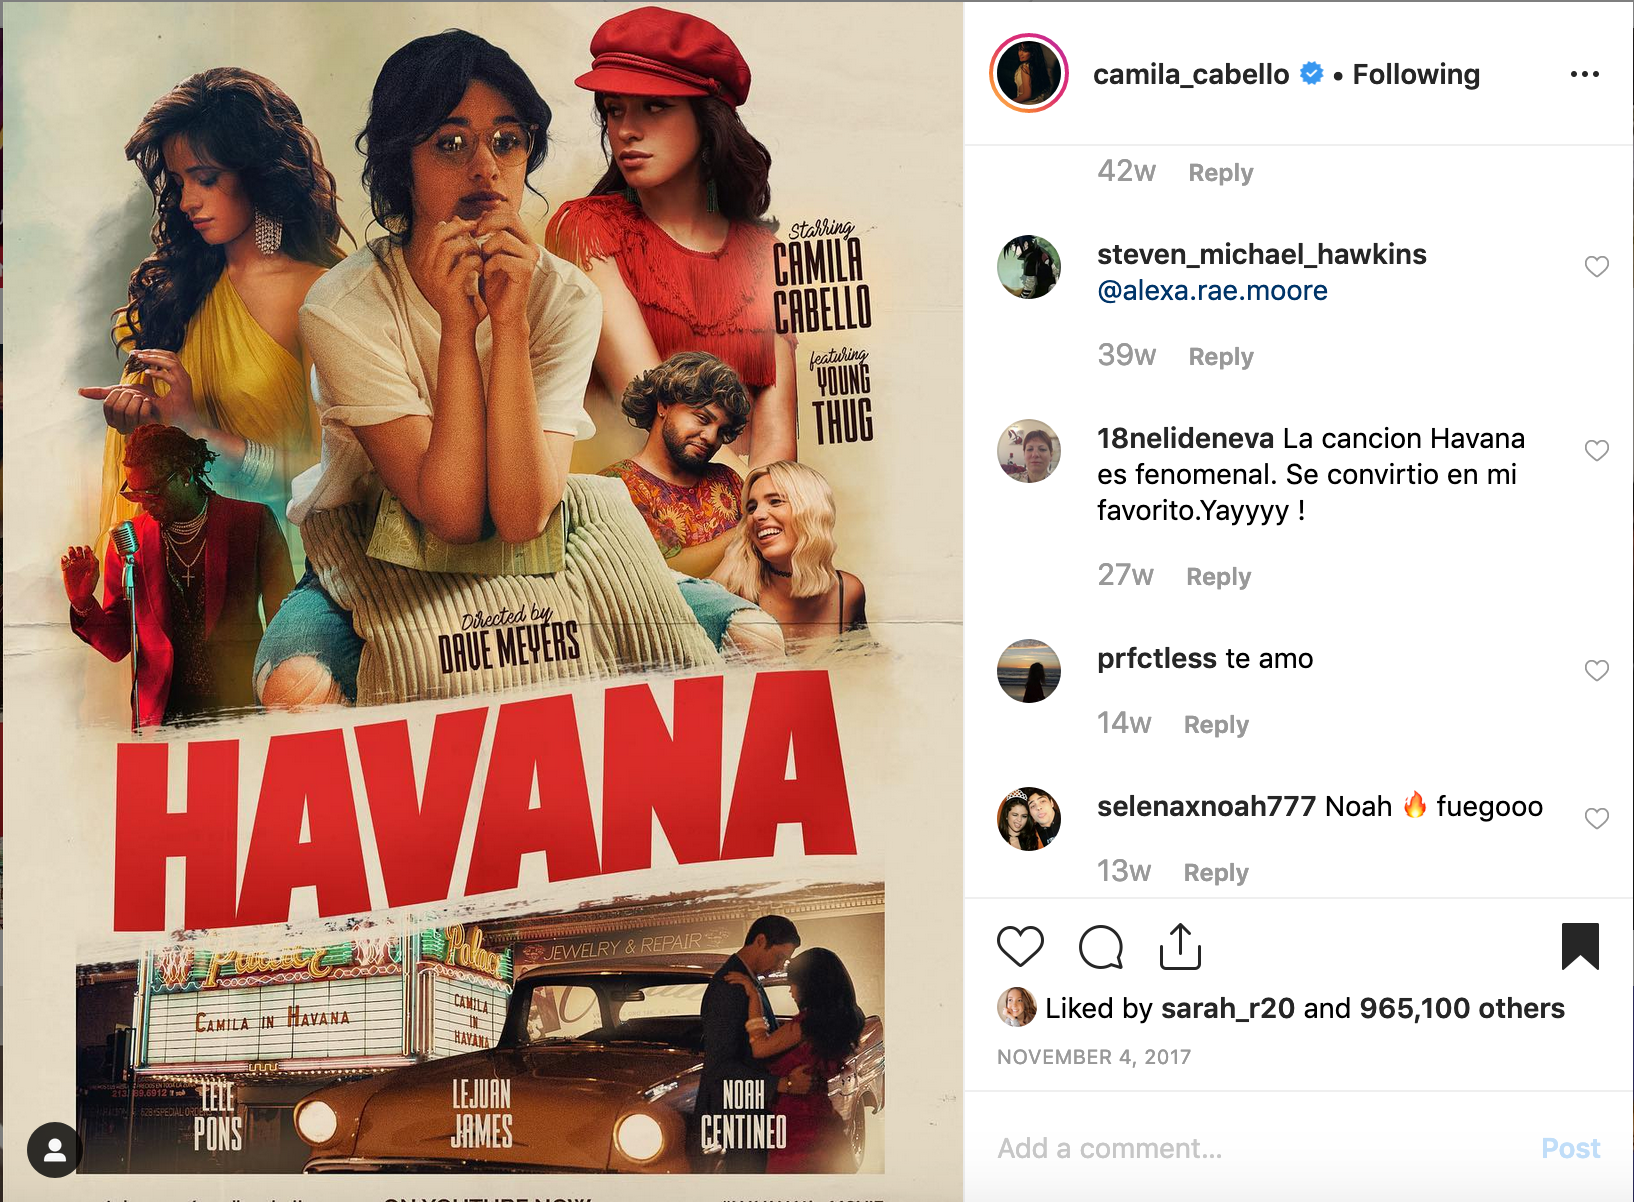 Camila Cabello previews Havana the Movie on Instagram